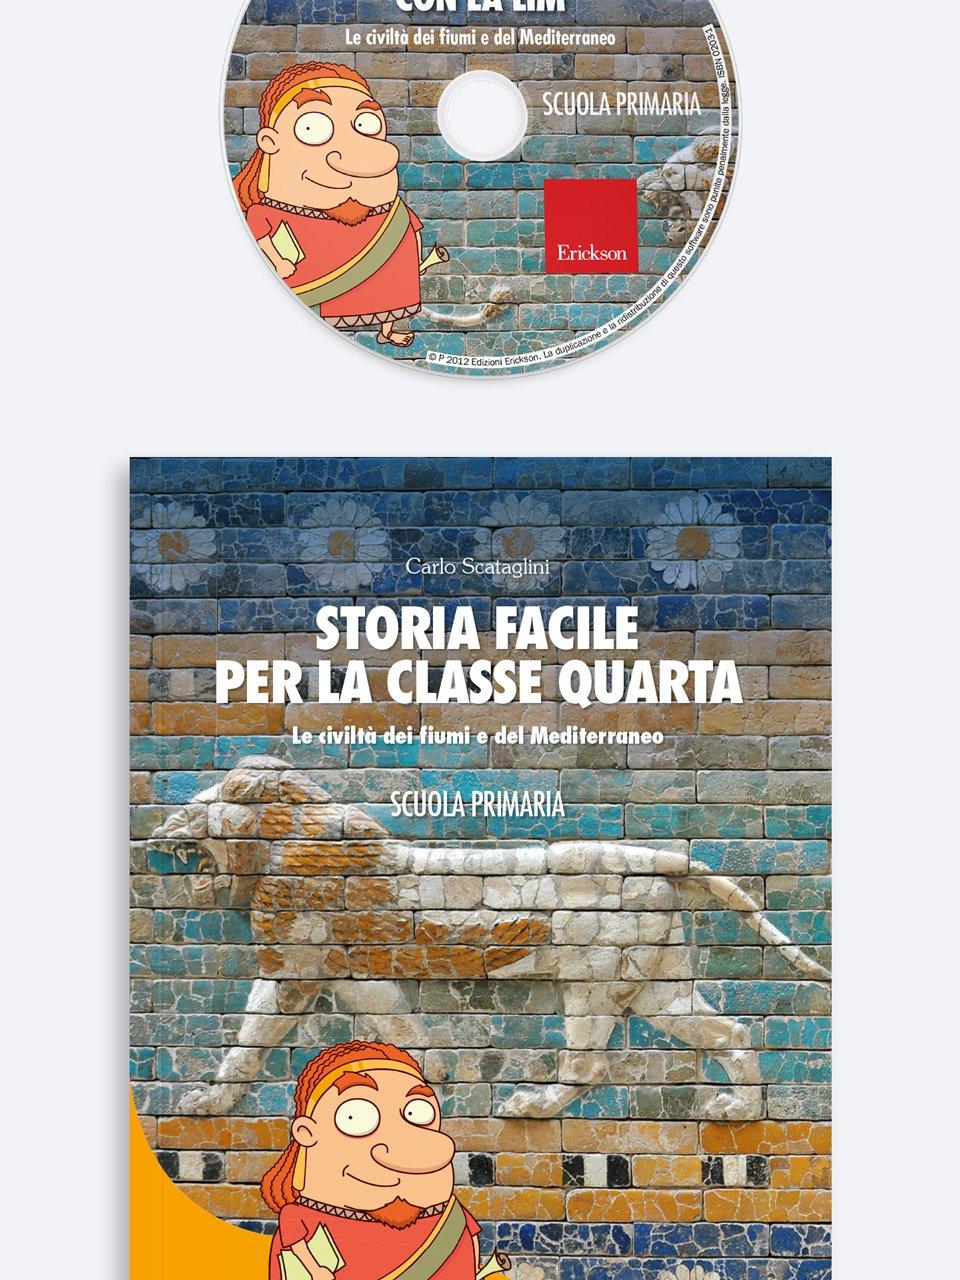 Storia facile per la classe quarta - Geografia facile per la classe quinta - Libri - Erickson 2